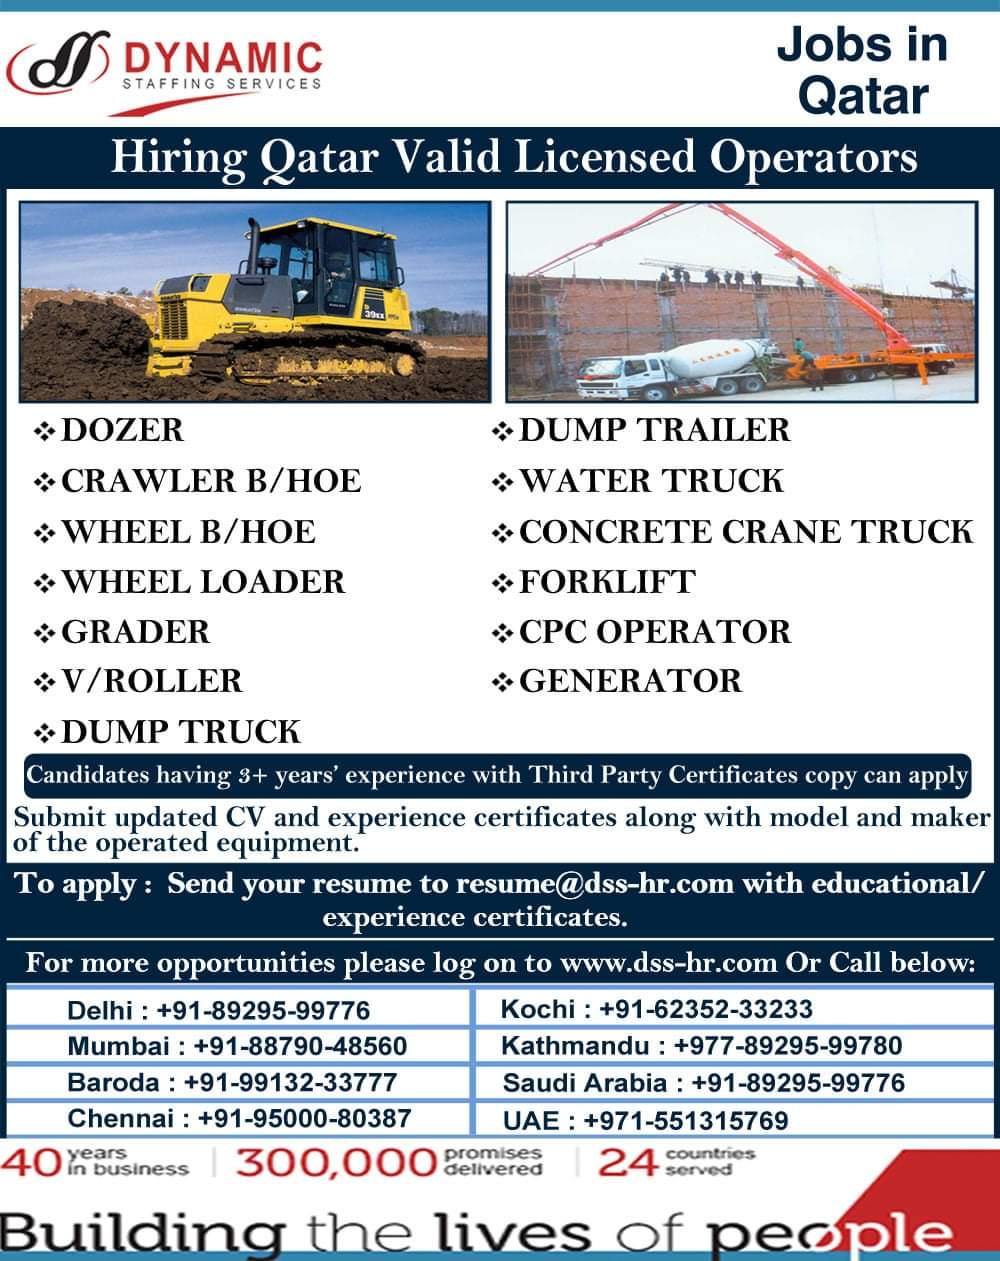 Hiring Valid Licensed OPERATORS -QATAR